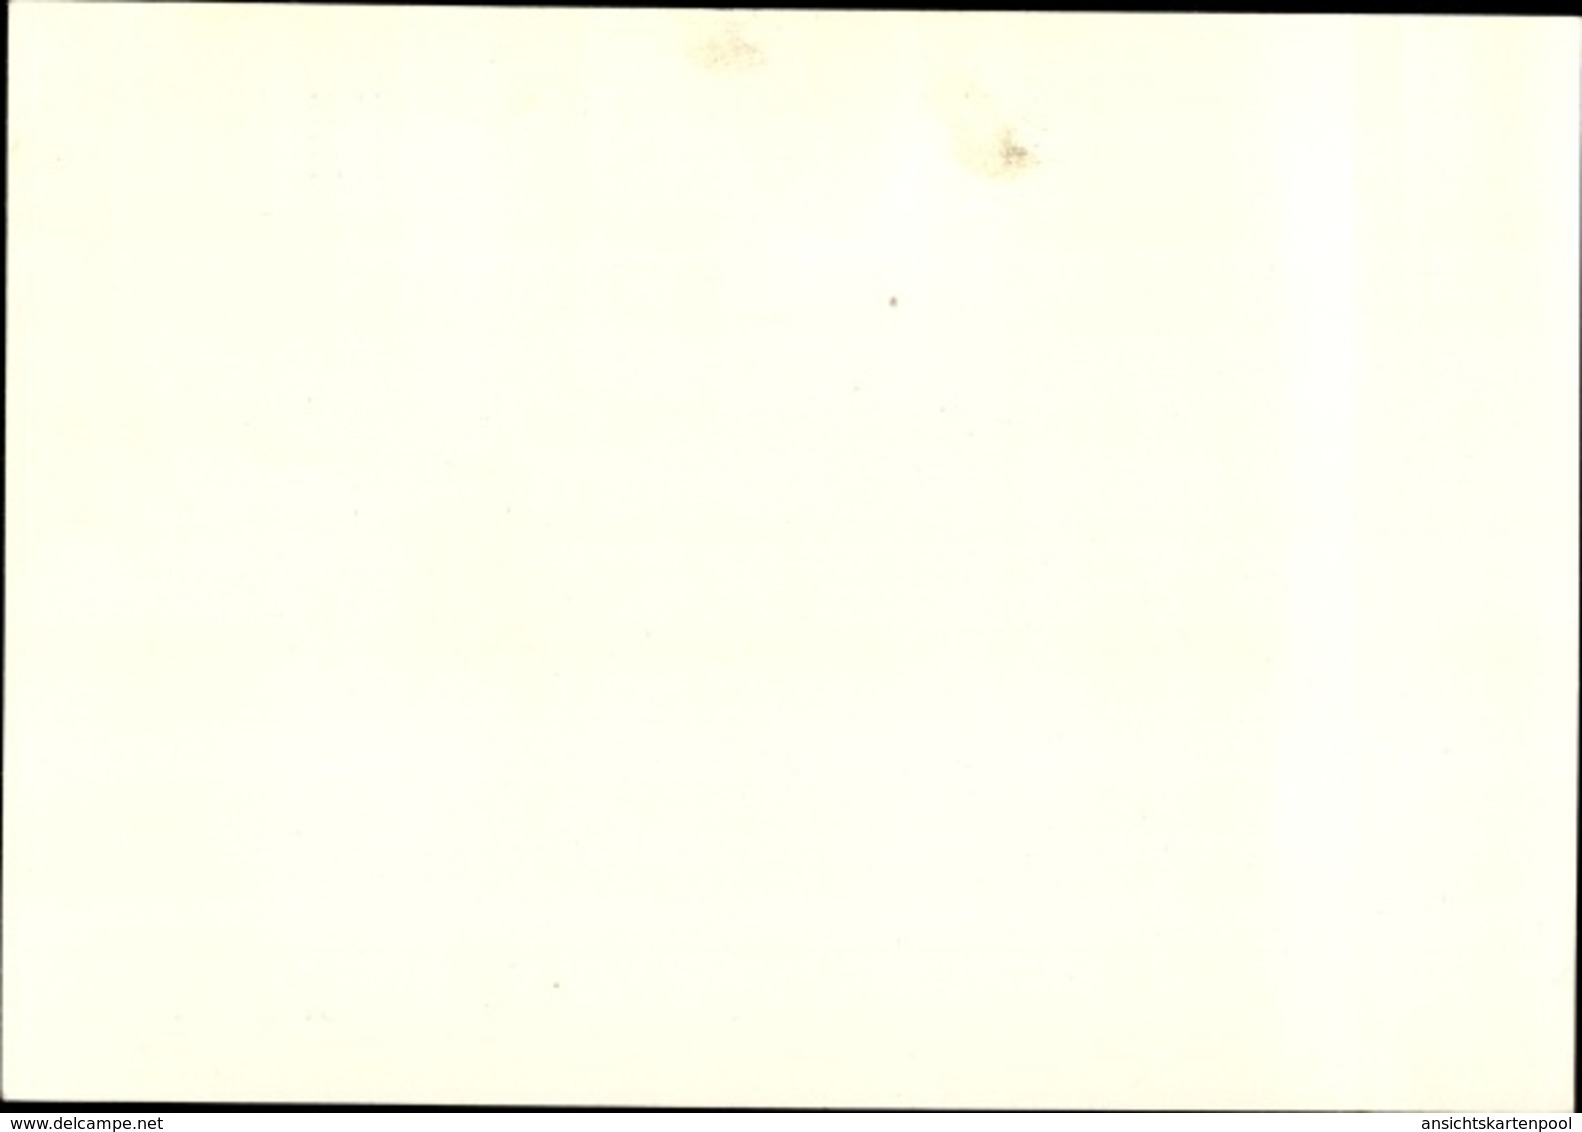 Cp Befreites Volk, Künstlerische Ansichtskarten, Ostmark, Sudetenland, Anschluss - Postcards